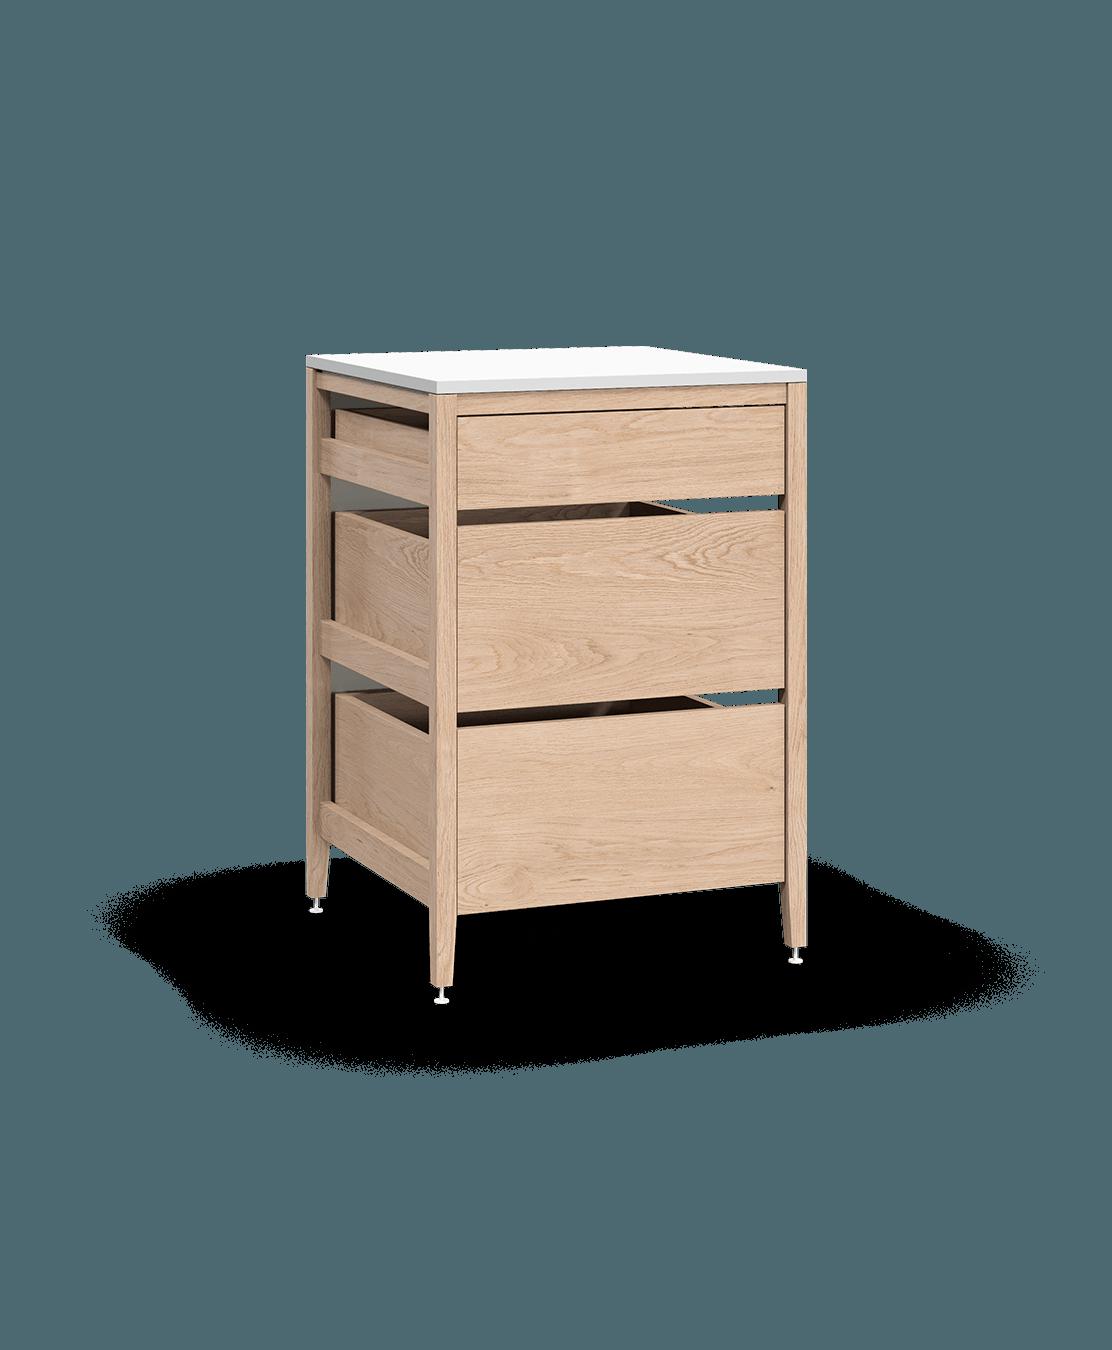 armoire de cuisine modulaire inférieure en bois massif coquo radix avec 3 tiroirs chêne blanc 24 pouces C1-C-24TB-3003-NA